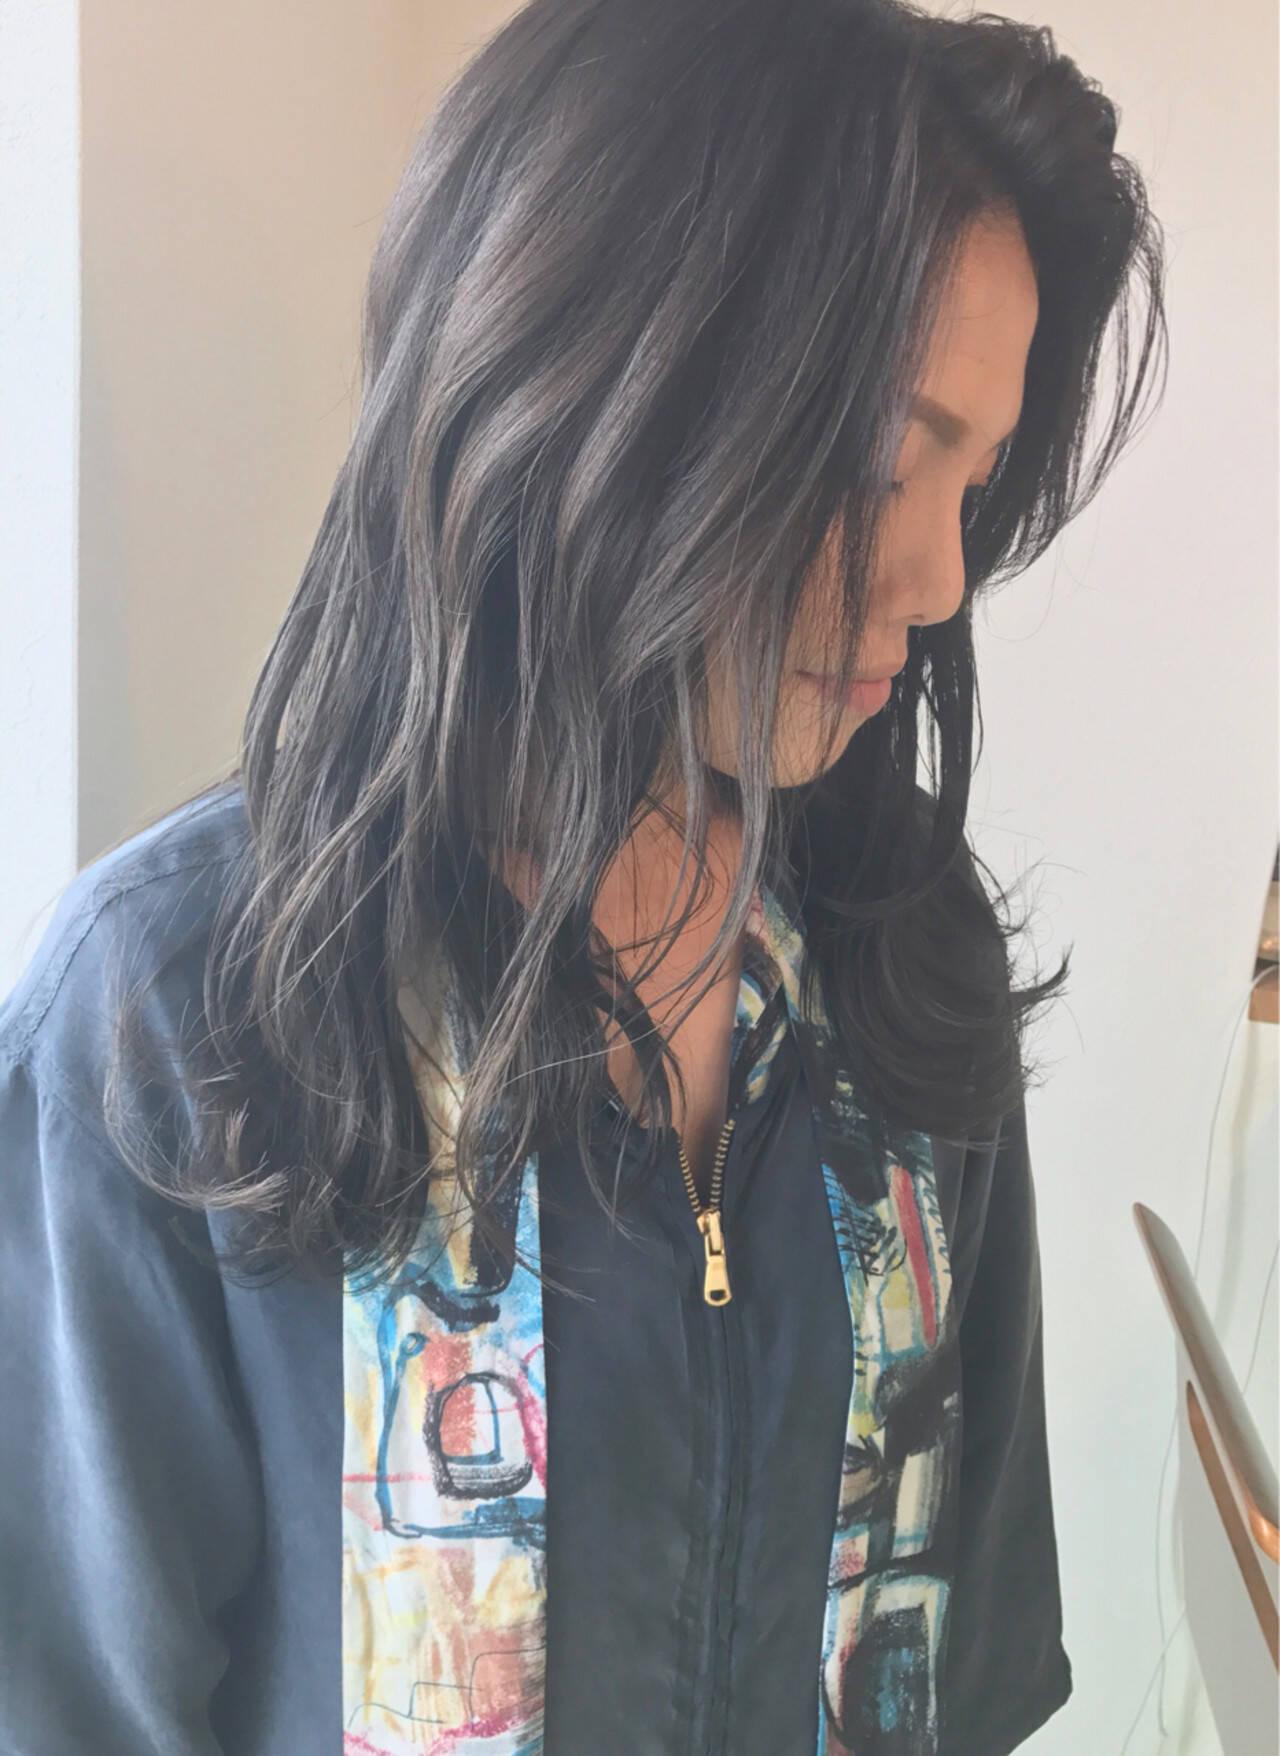 グラデーションカラー 透明感 秋 大人かわいいヘアスタイルや髪型の写真・画像